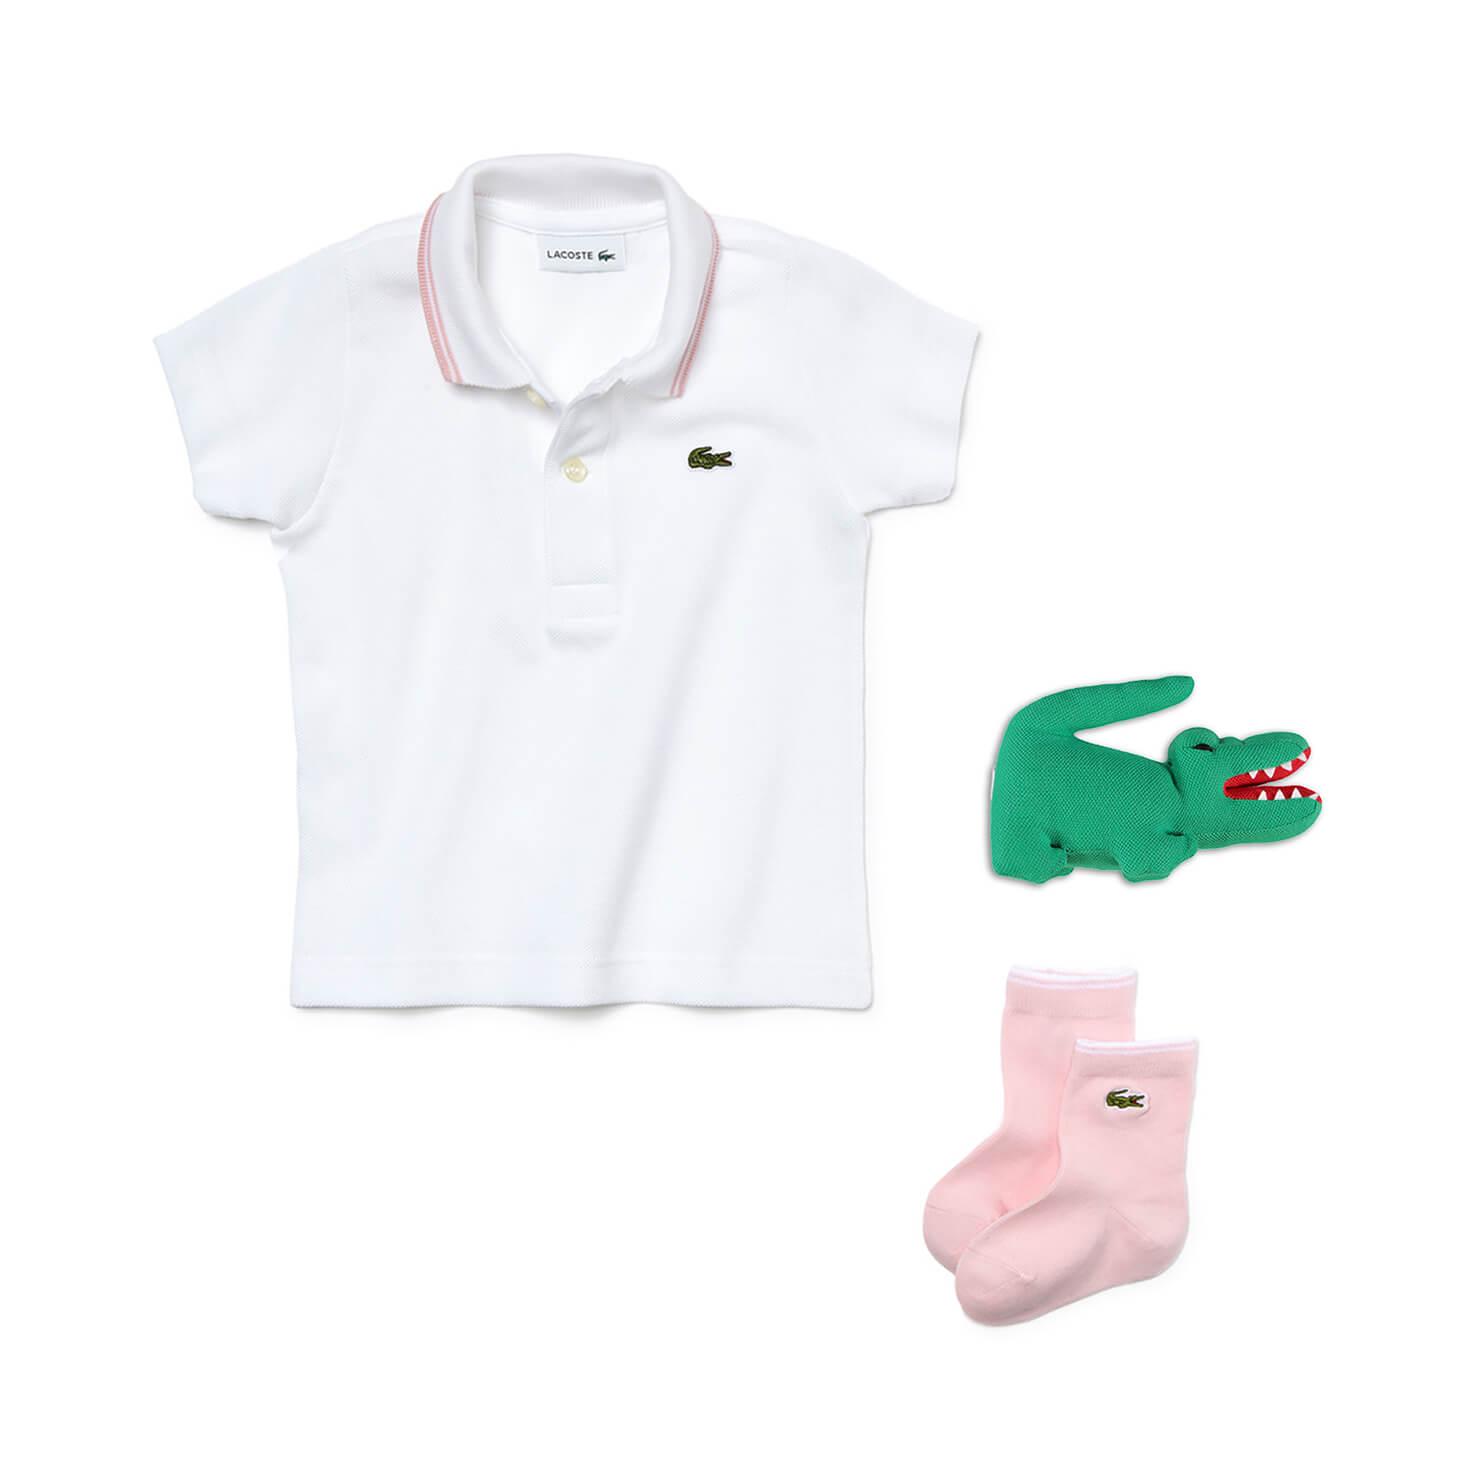 Детский костюм Lacoste фото